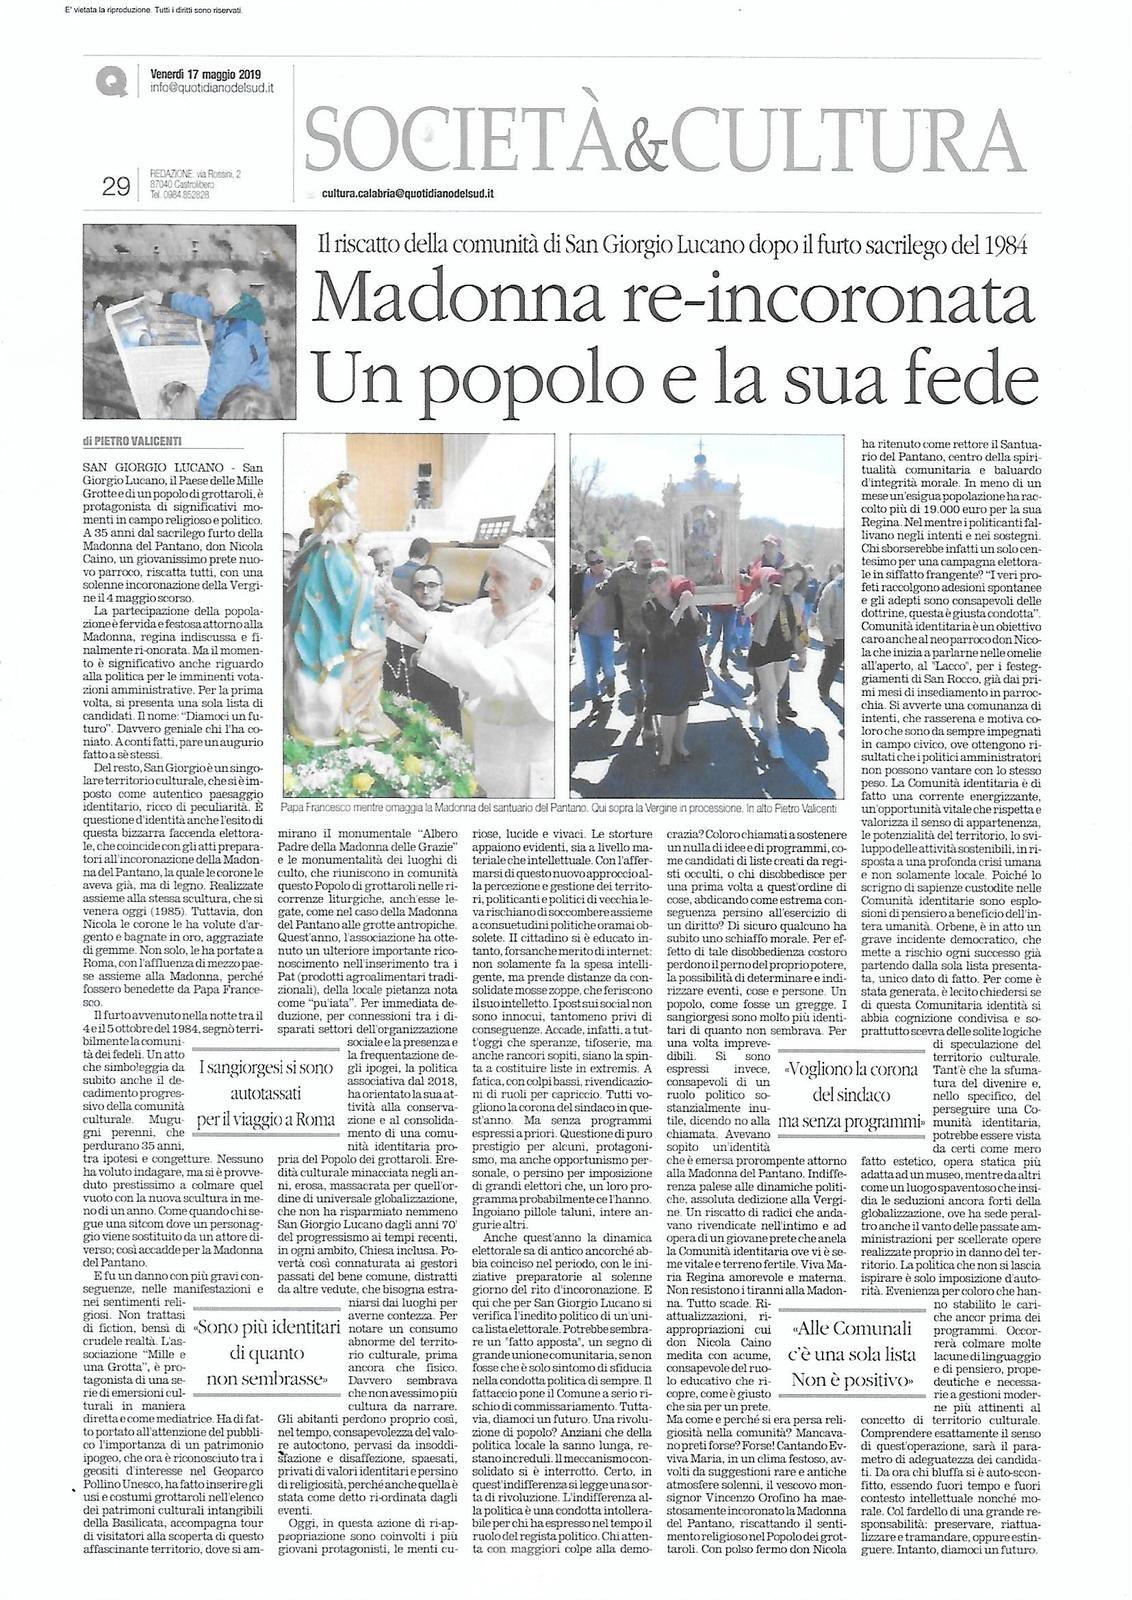 Il Quotidiano del Sud 17/05/2019